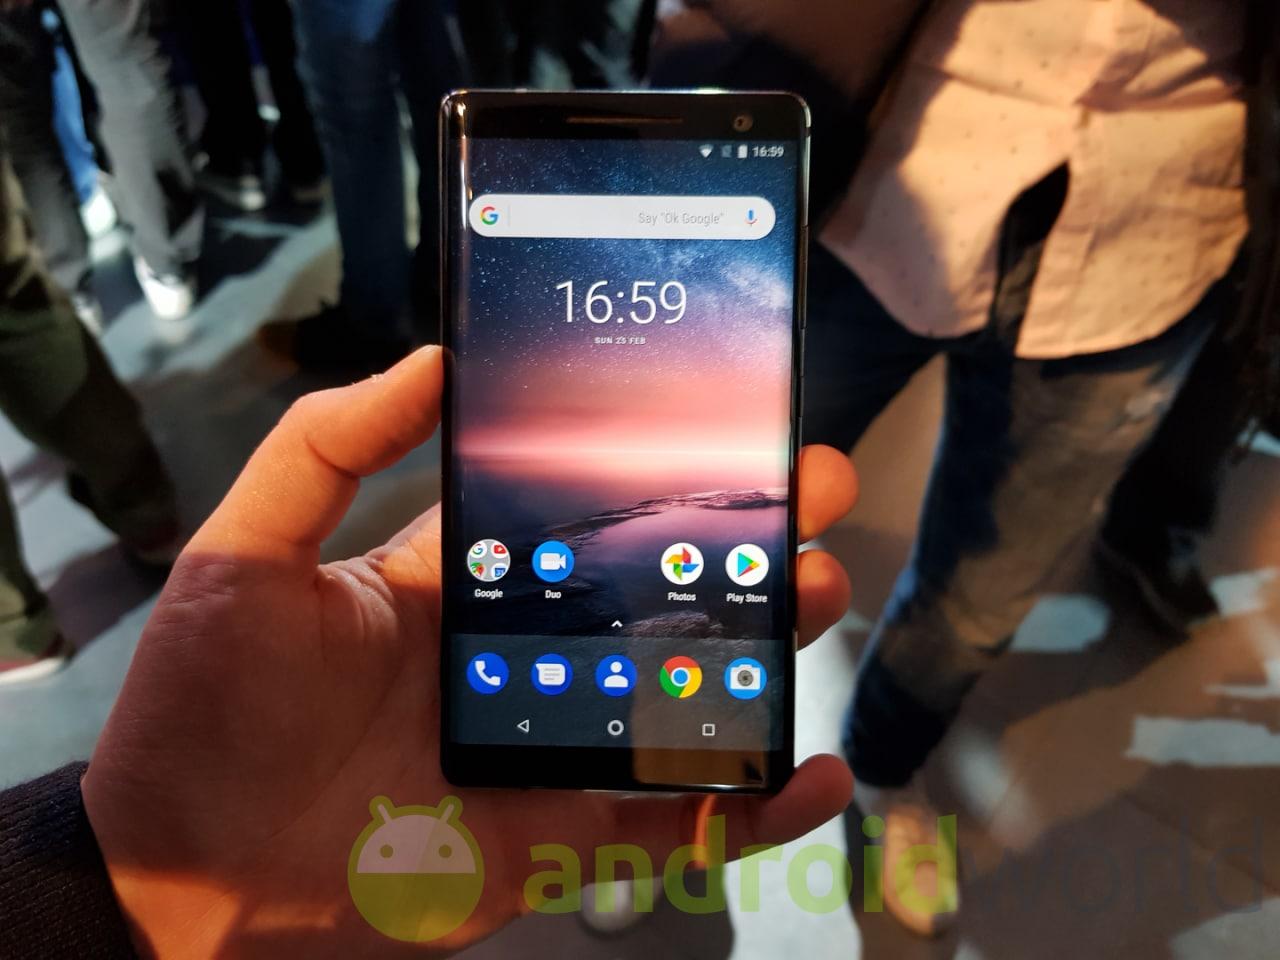 Nokia 8 Sirocco ufficiale: top gamma ancora più elegante e con Android One (anteprima)